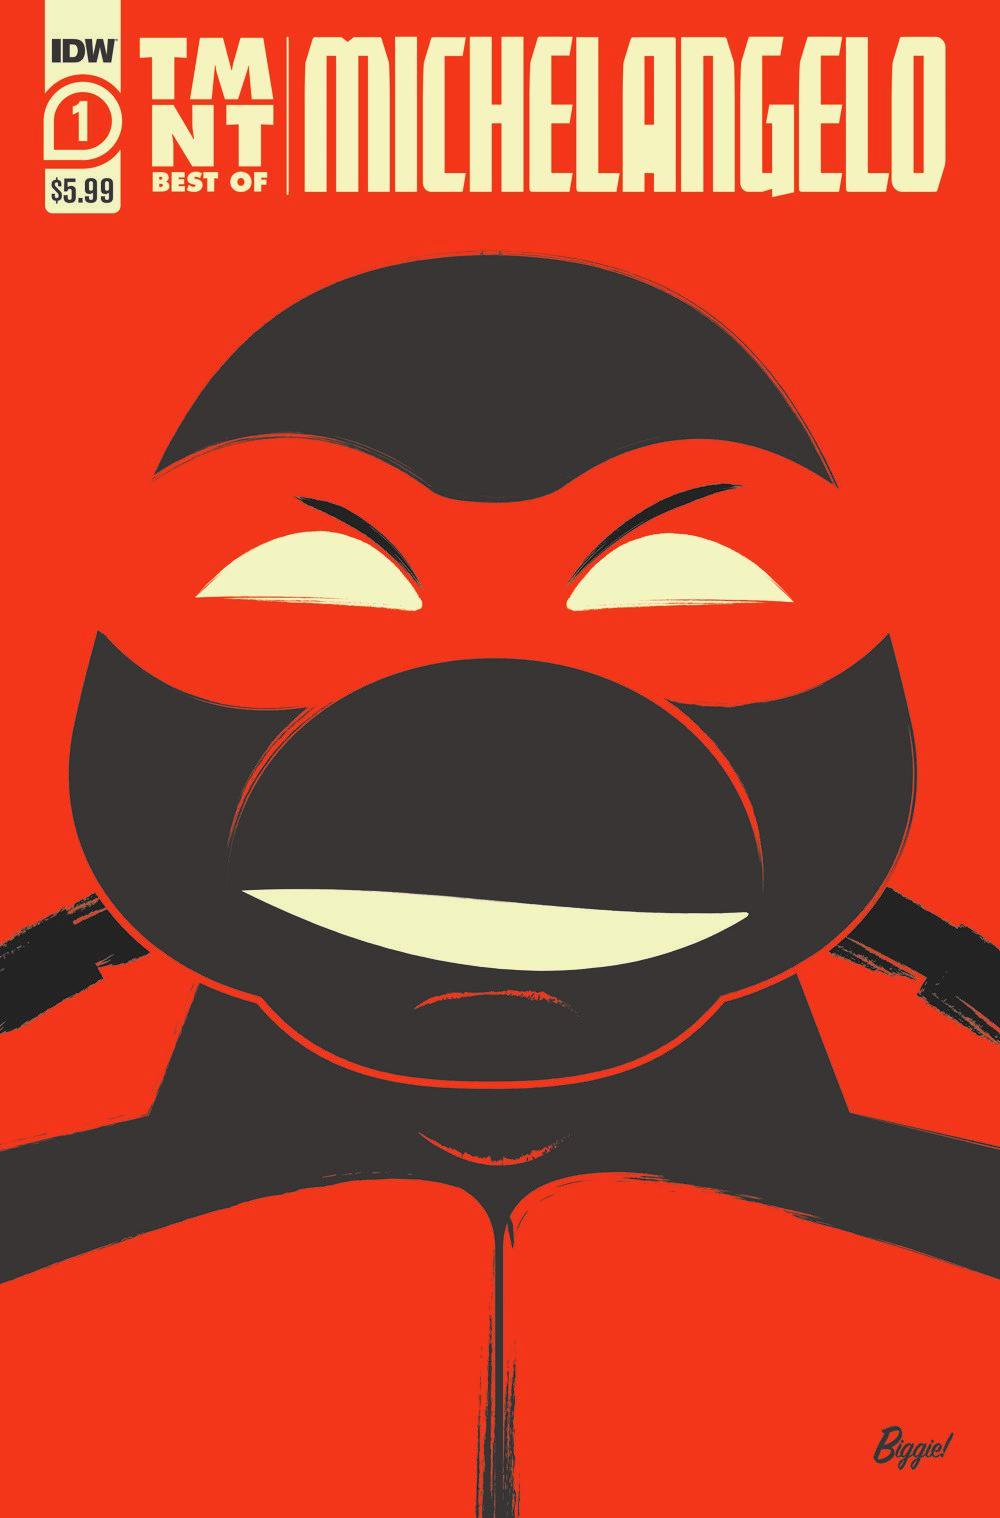 TMNT-Bestof-Mike_cvr ComicList Previews: TEENAGE MUTANT NINJA TURTLES BEST OF MICHELANGELO #1